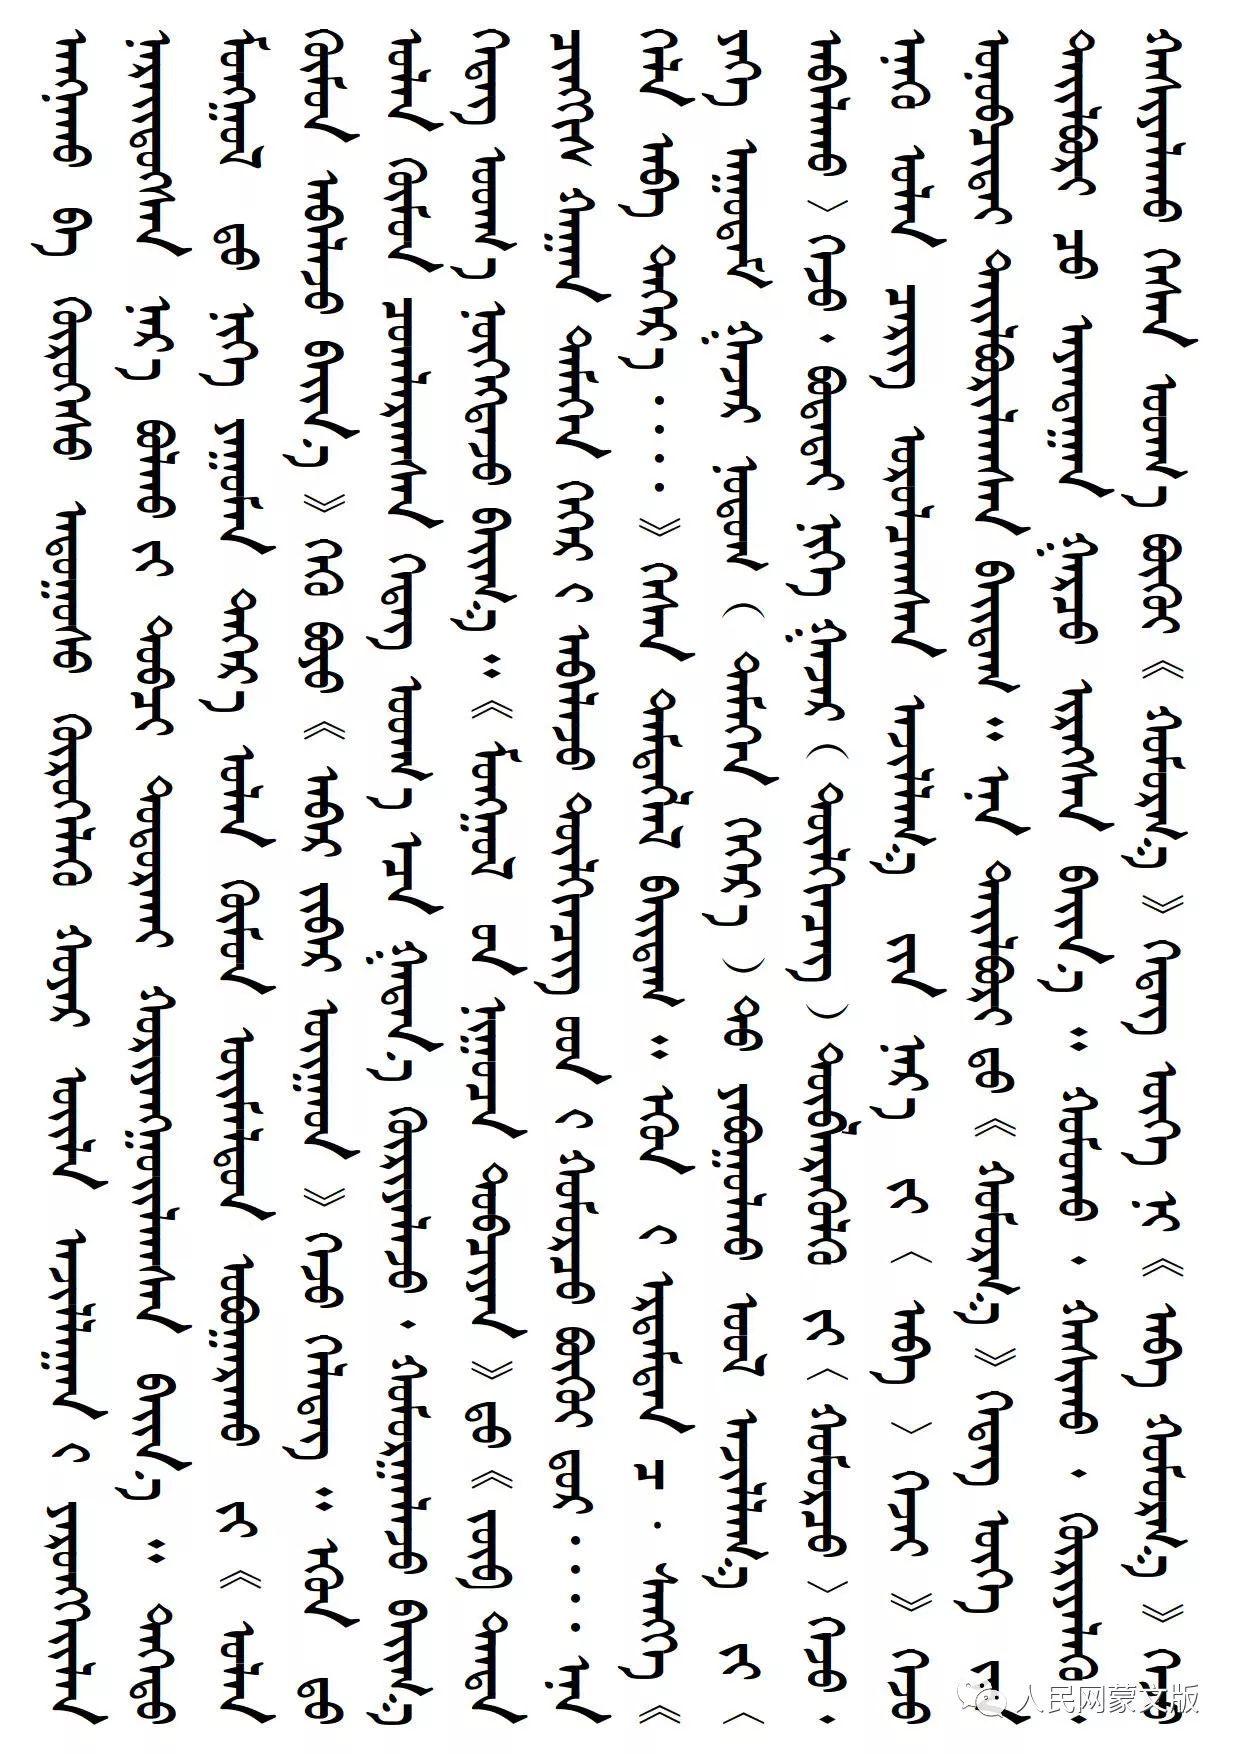 蒙古民俗探源 有关蒙古族狩猎的专有名词 第9张 蒙古民俗探源 有关蒙古族狩猎的专有名词 蒙古文库